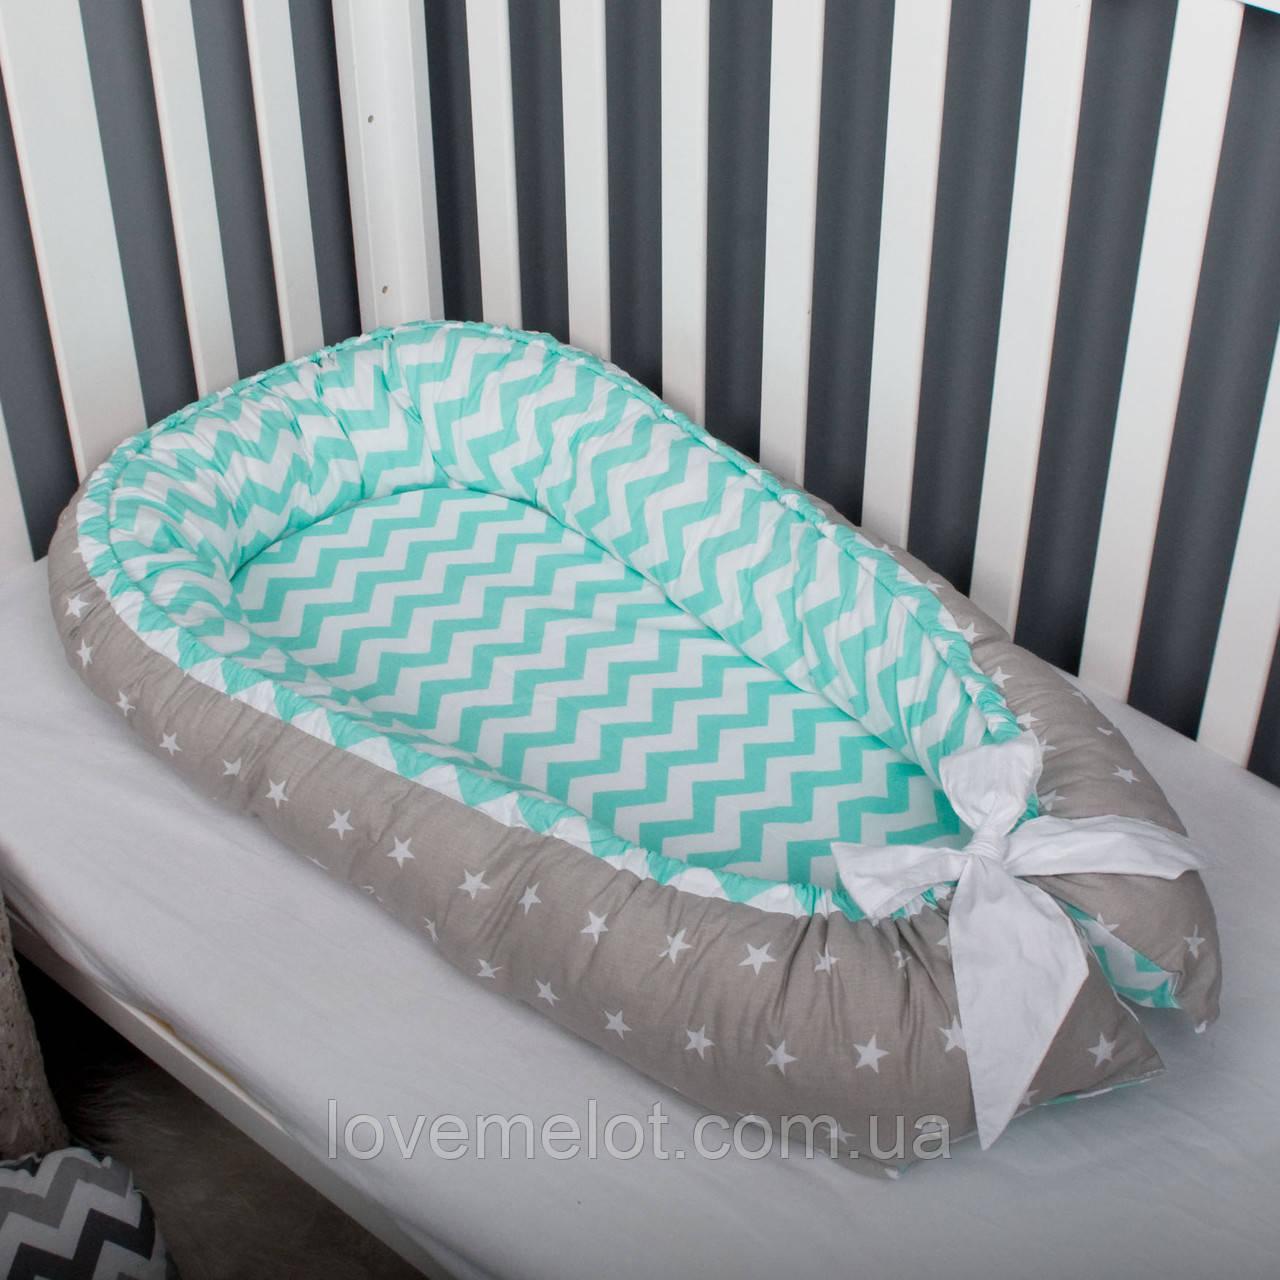 """Гнездышко-кокон для малыша """"Мятный"""", позиционер, люлька, babynest, переносная кроватка, переноска"""